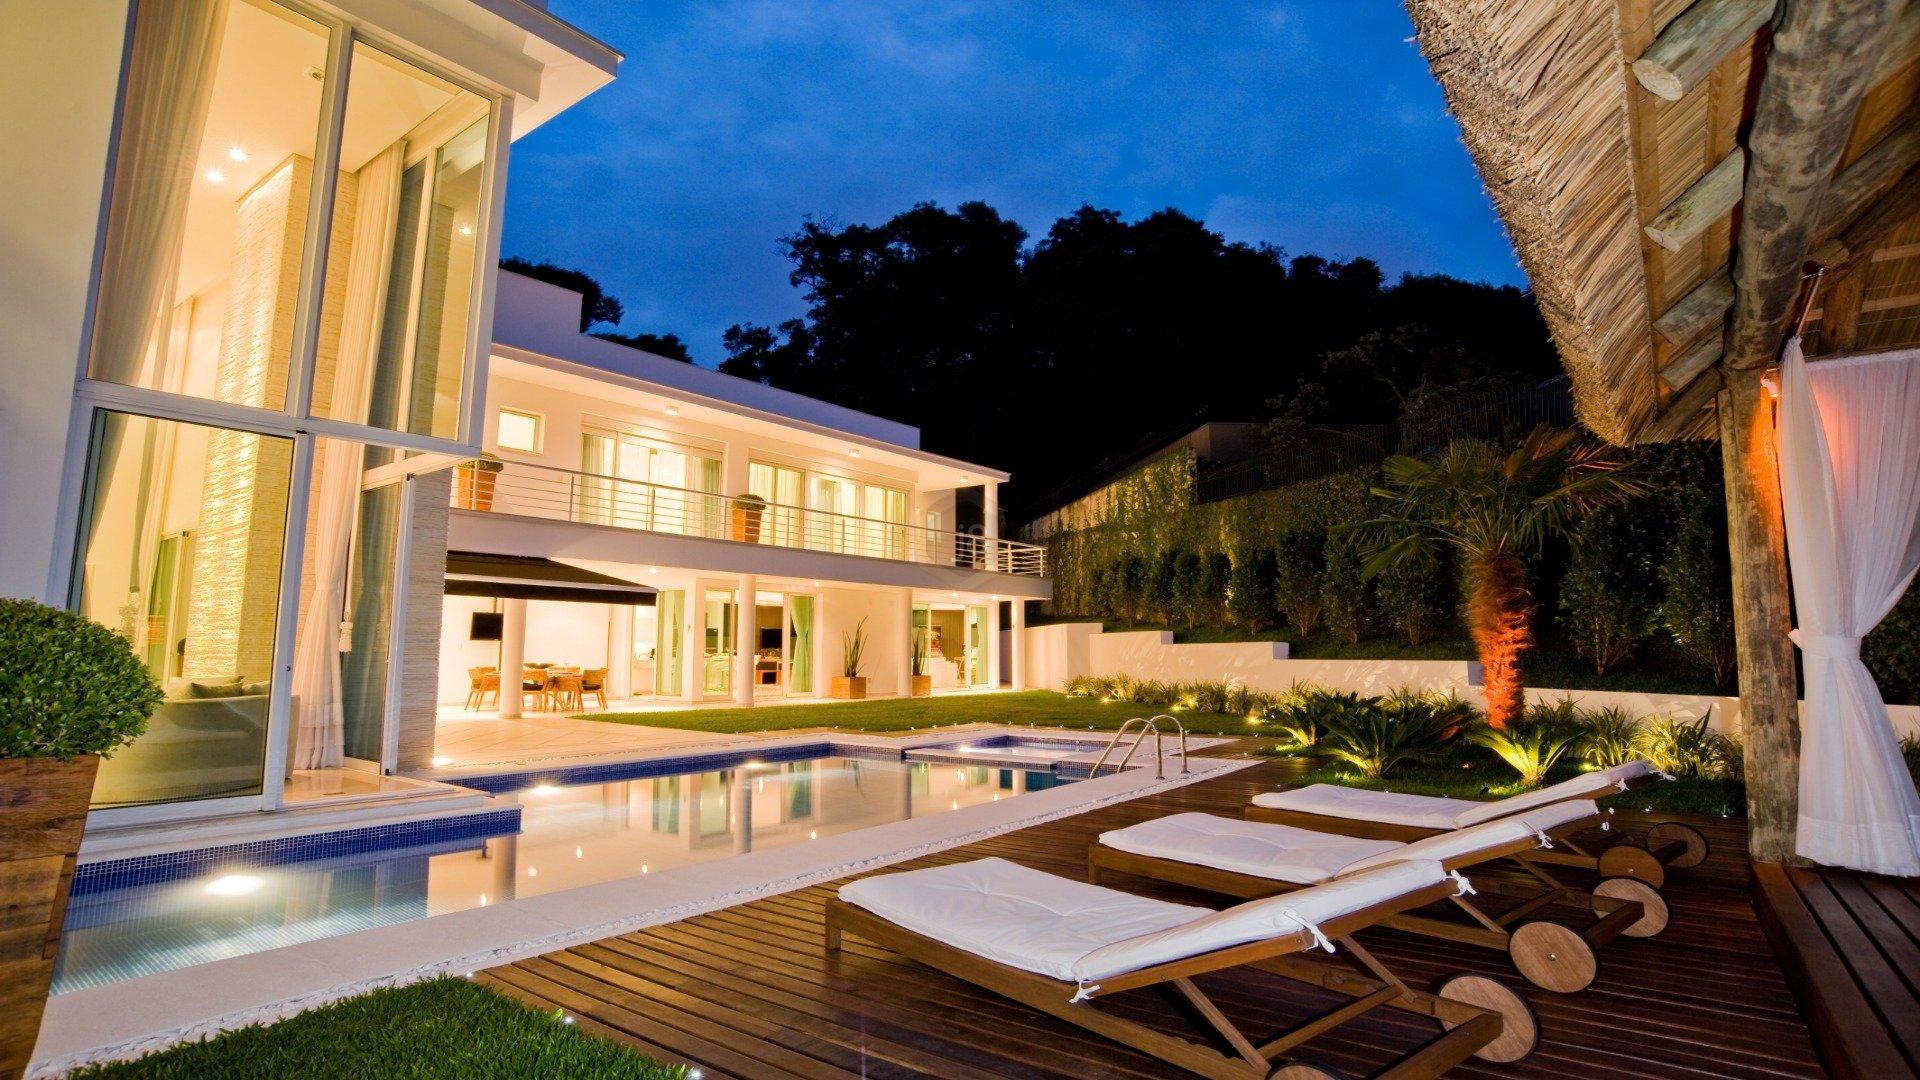 Foto de destaque Casa moderna, integrada e com linda piscina!